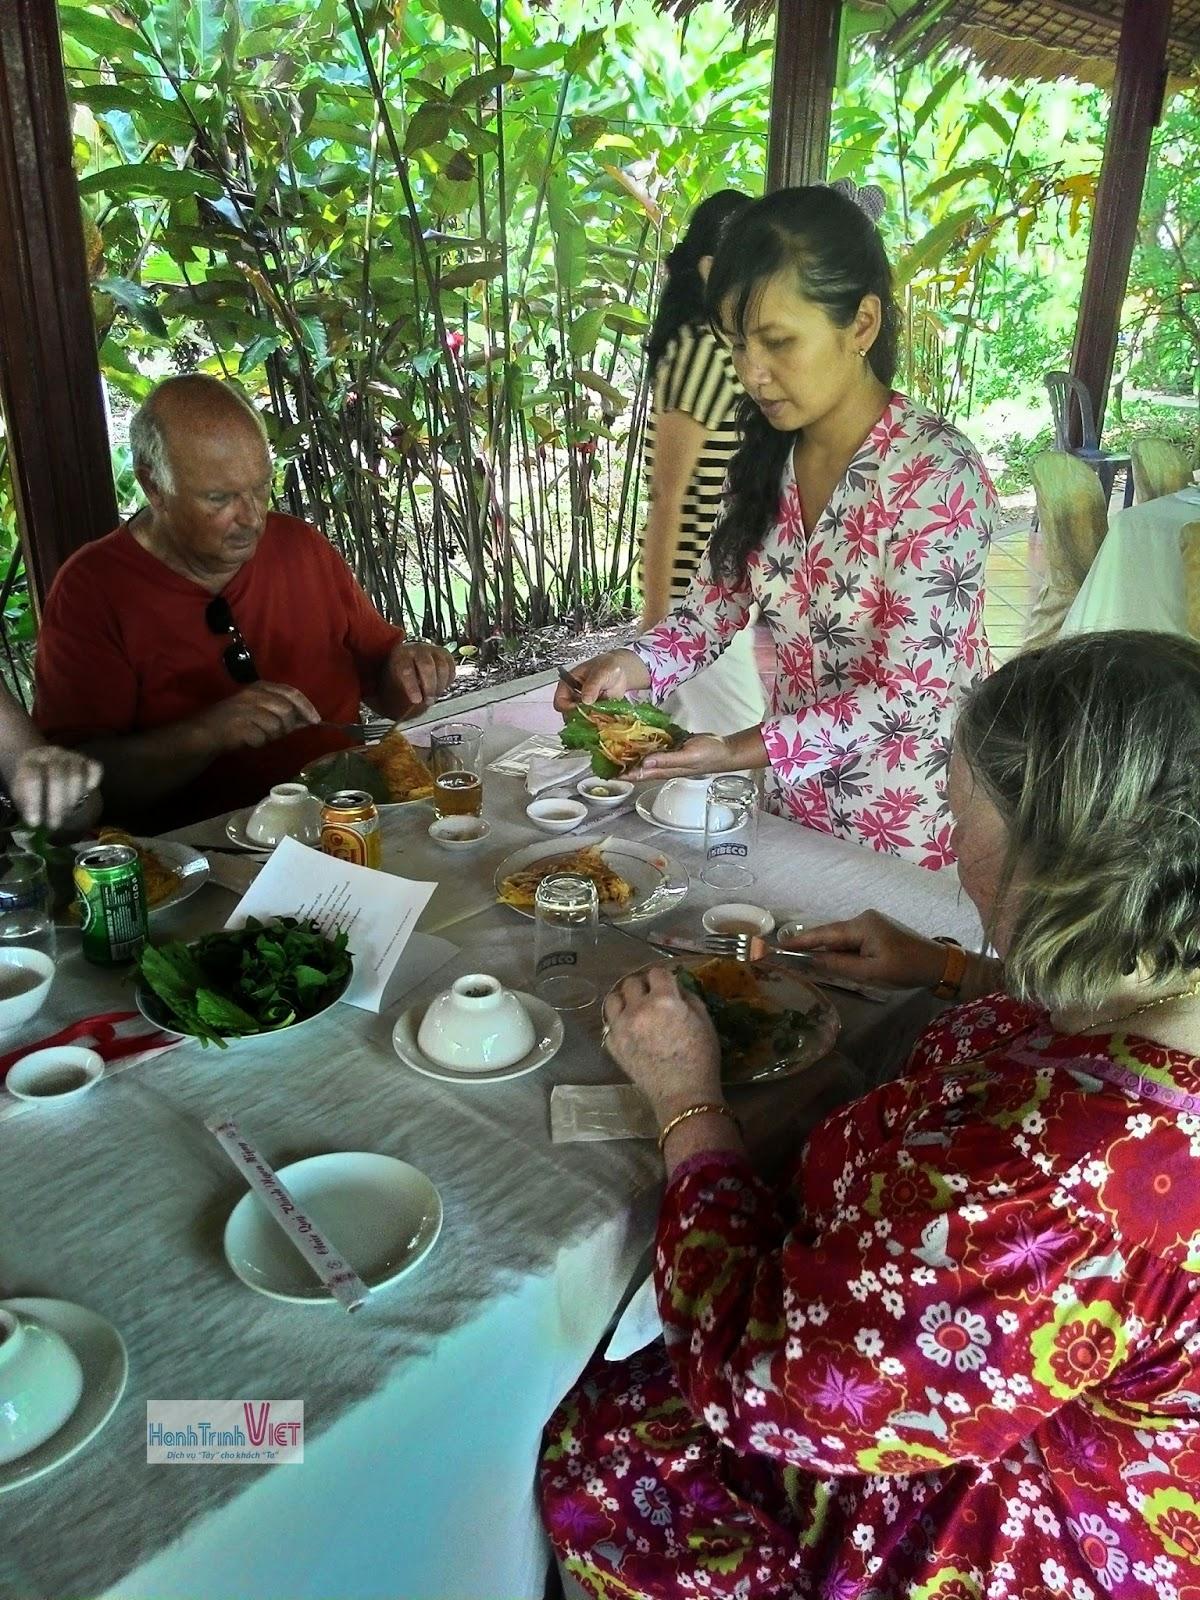 Giới thiệu du khách cách ăn món Việt sao cho đúng kiểu